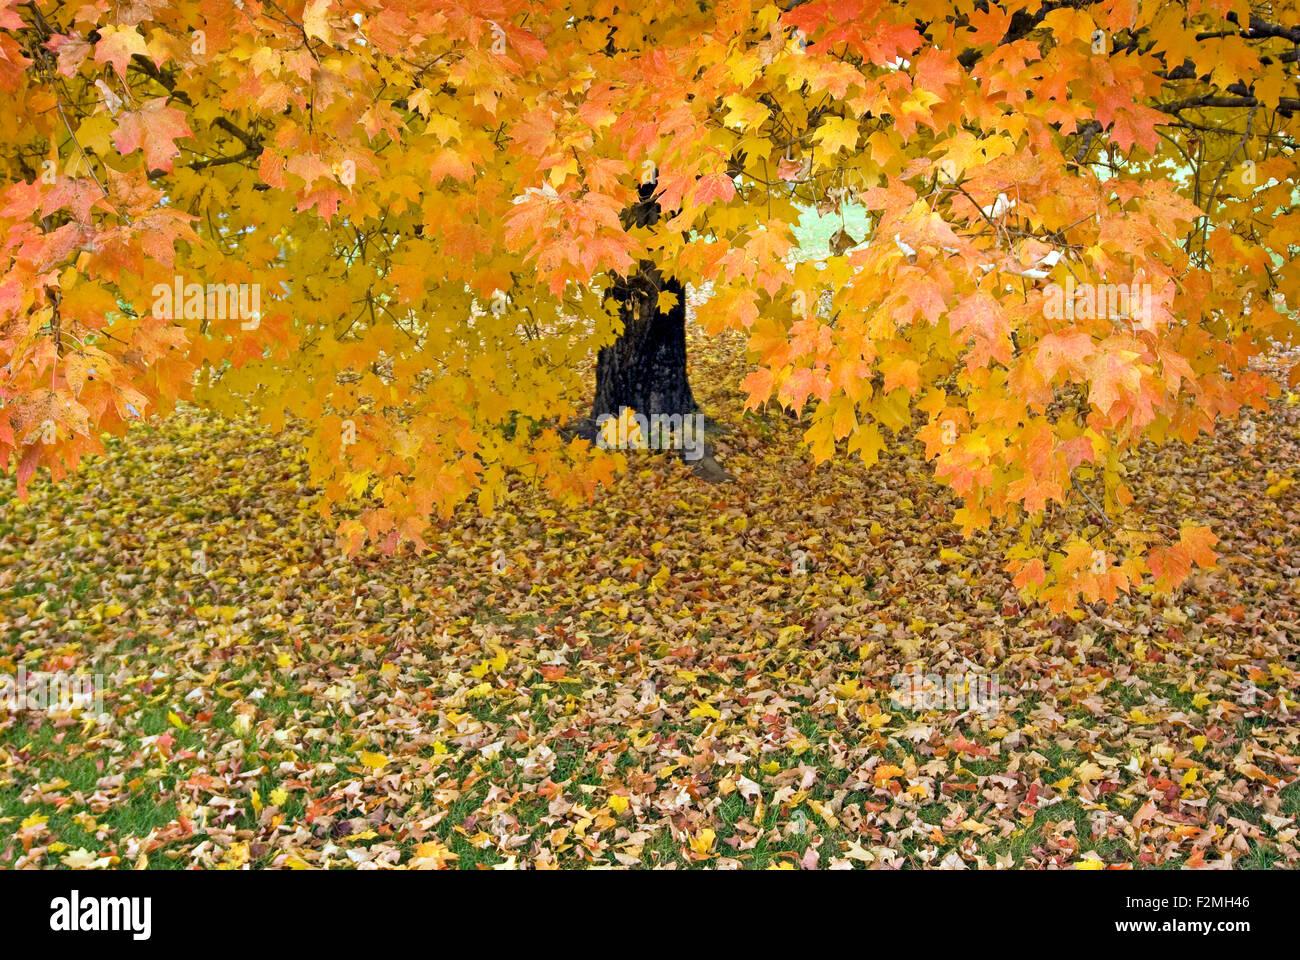 Hermoso Árbol de arce en otoño en formato horizontal Imagen De Stock